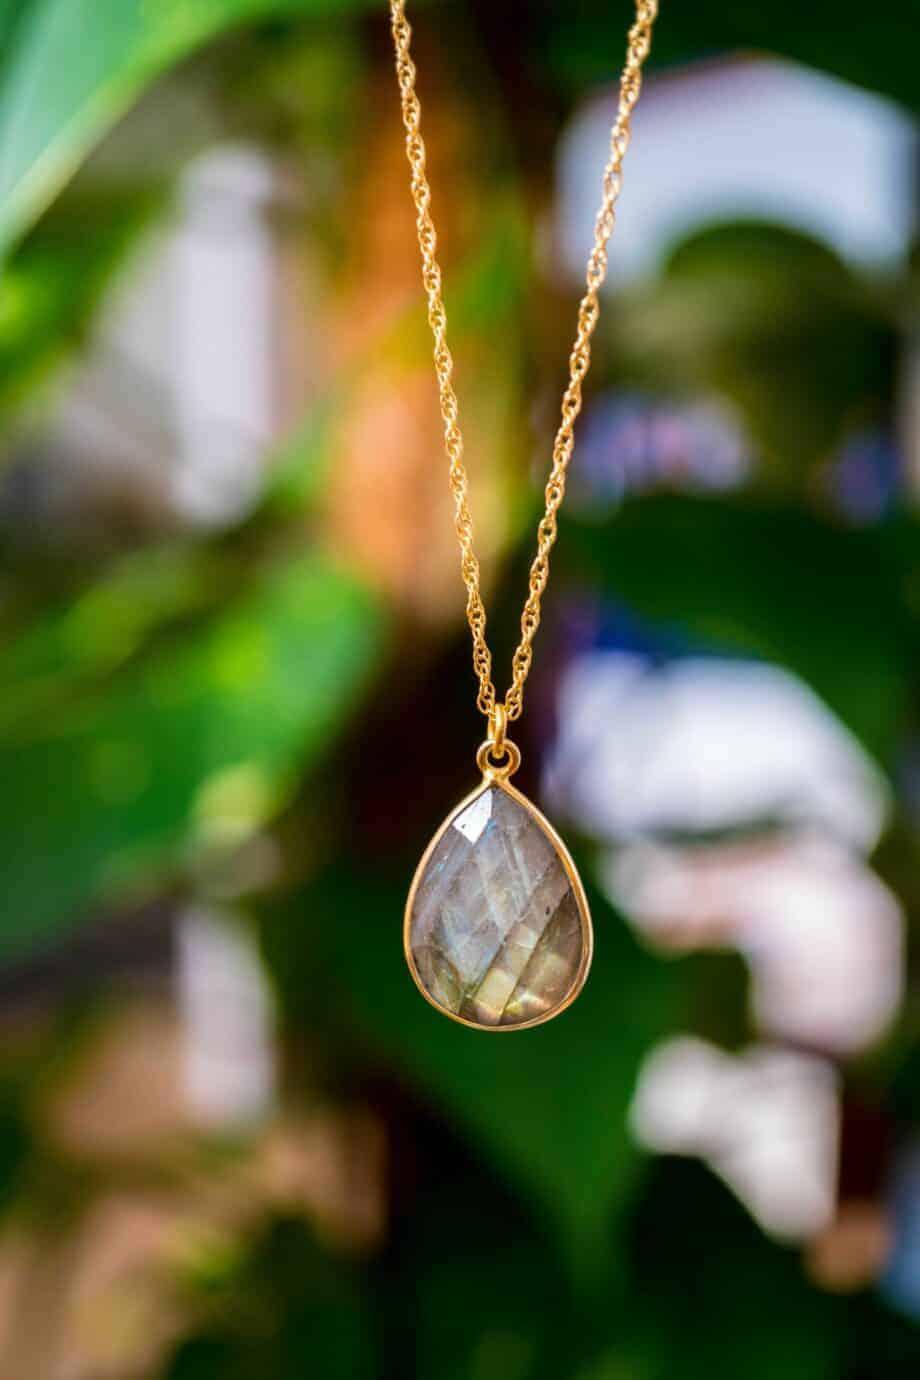 Gouden ketting met edelsteen groene Labradoriet van Goud op Zilver. Handgemaakte edelsteen sieraden van Jewels by KC.